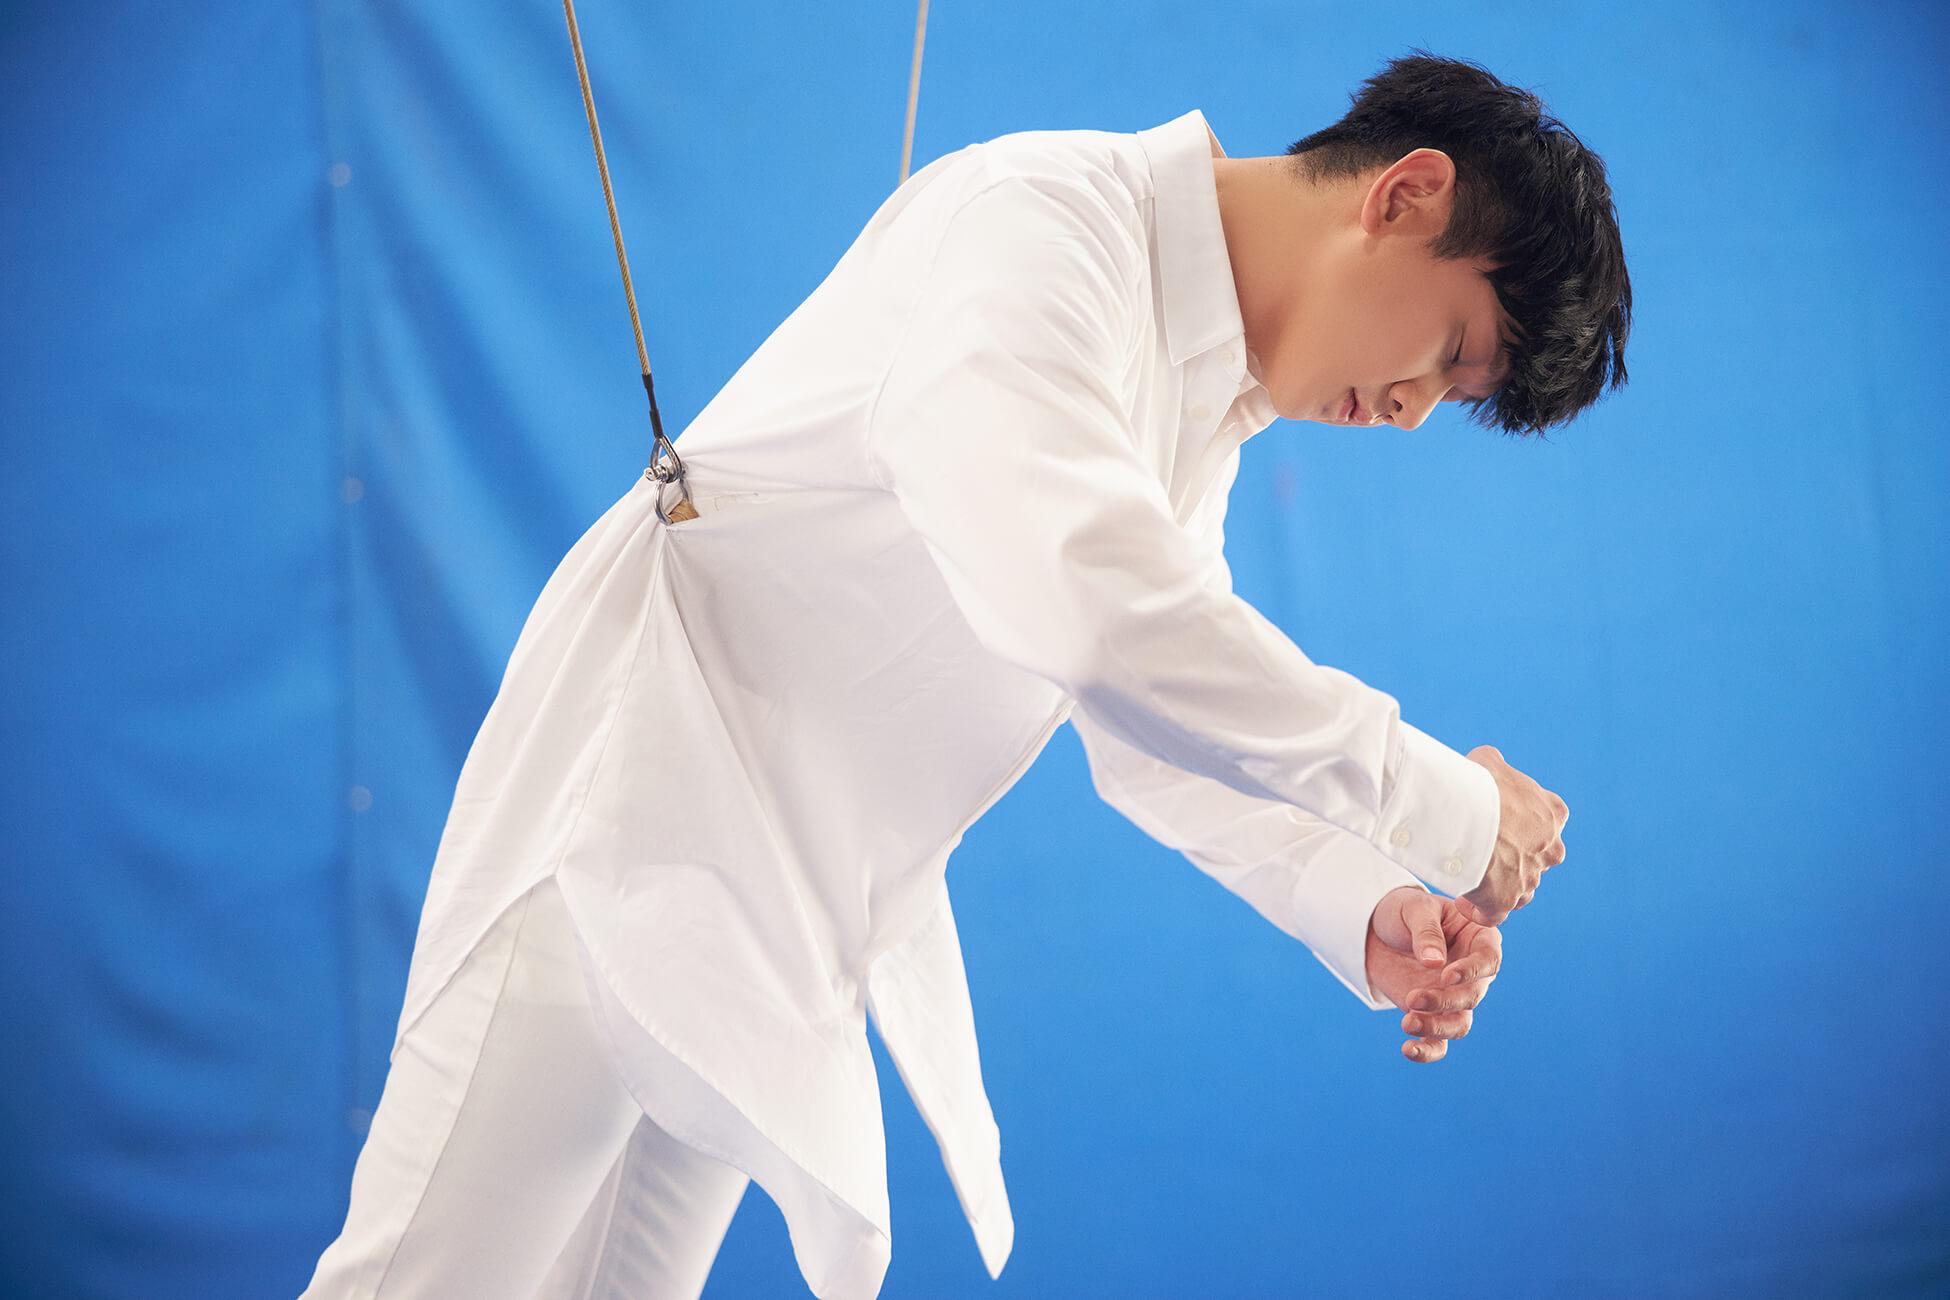 林俊傑被讚「吊鋼絲天才」 拍攝三天僅睡八小時!